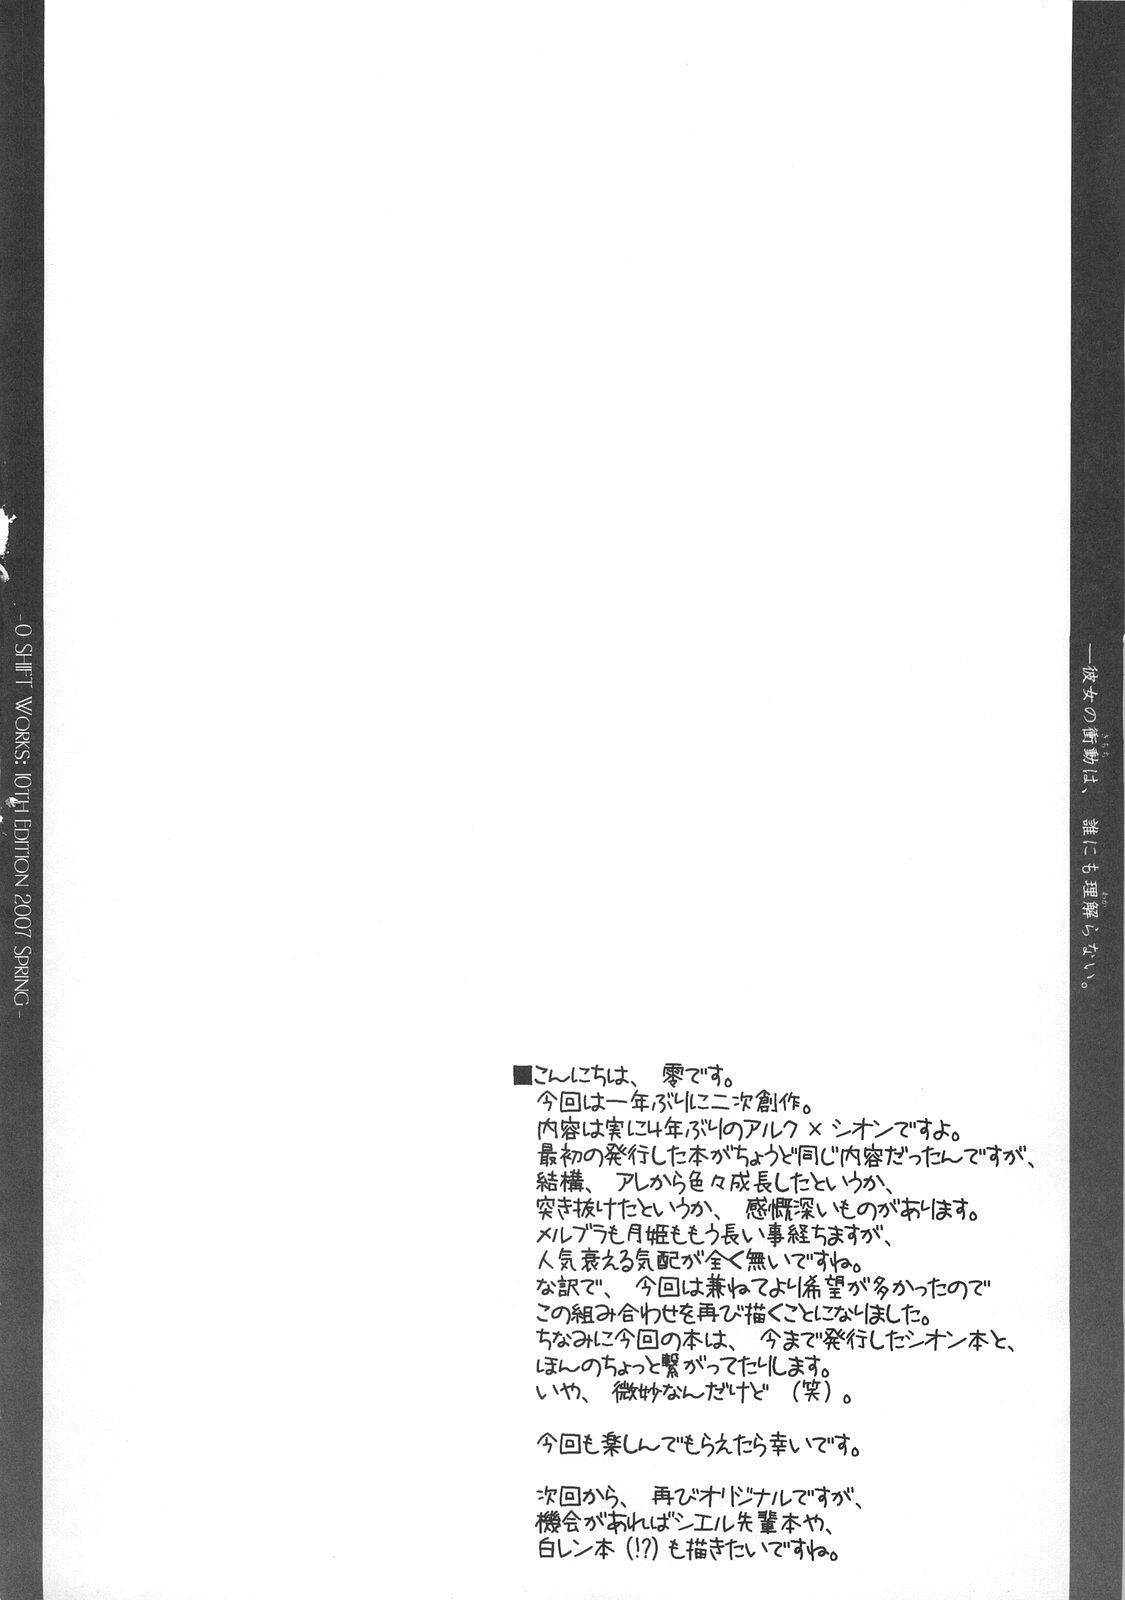 Kanojo no Shoudou wa, Dare ni mo Rikairanai | Her Unfathomable Feelings 2